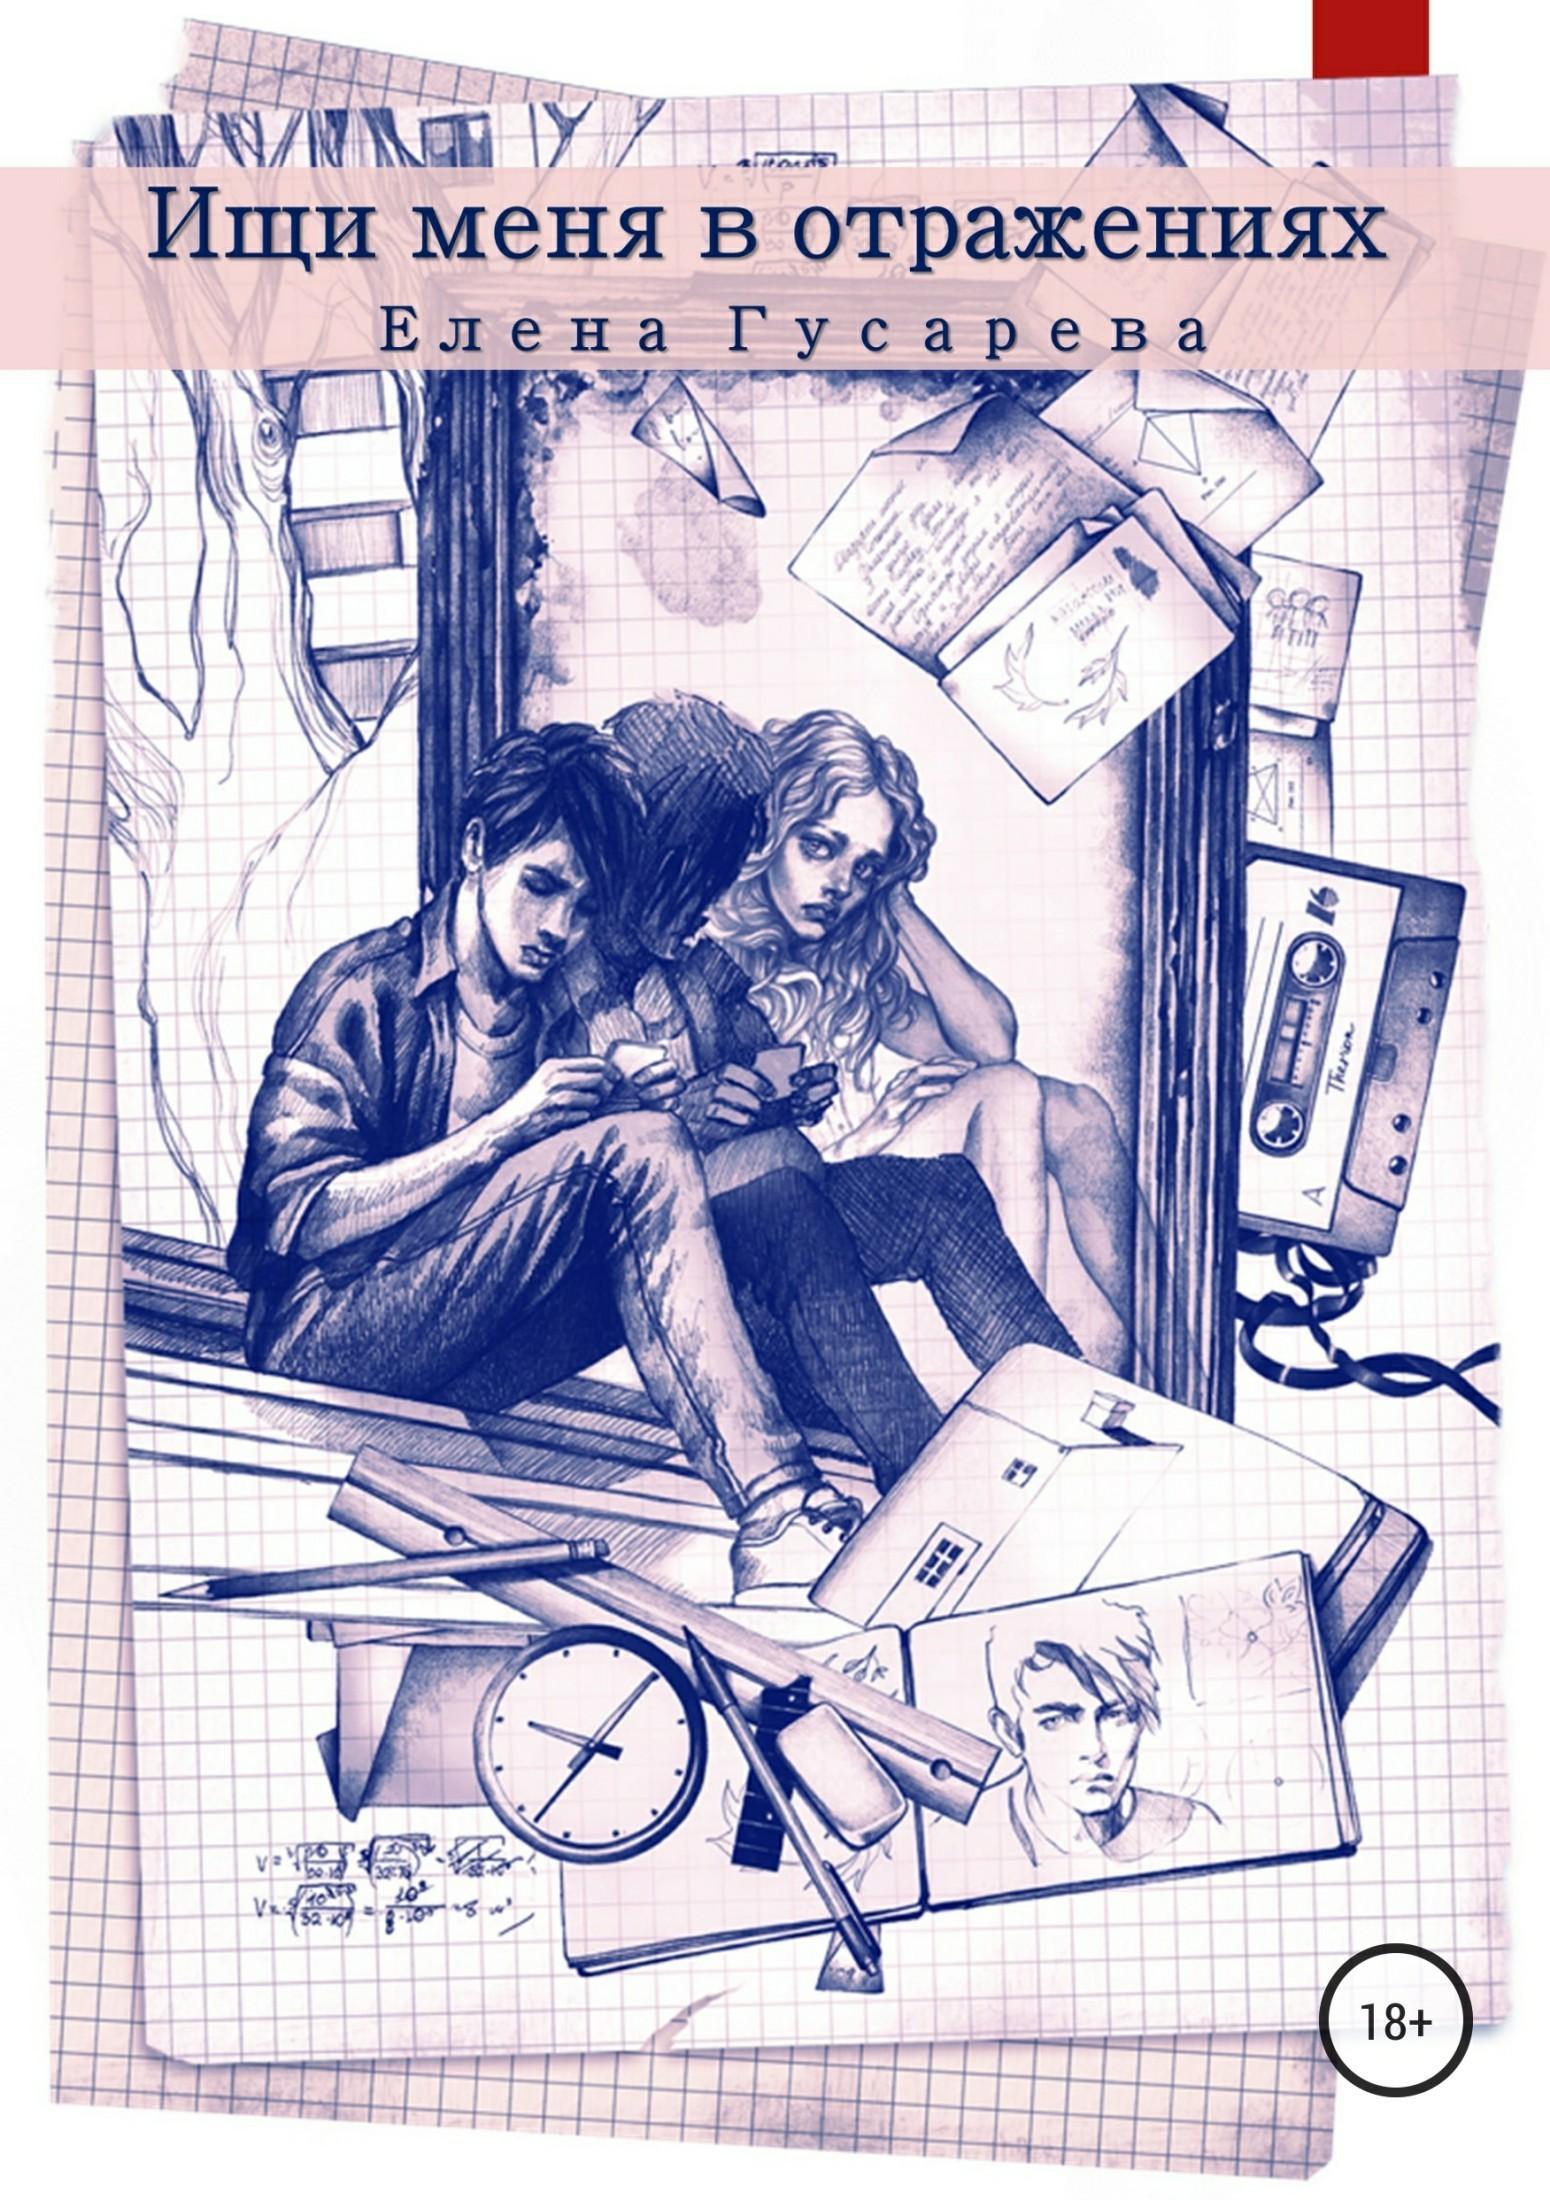 Елена Гусарева - Ищи меня в отражениях